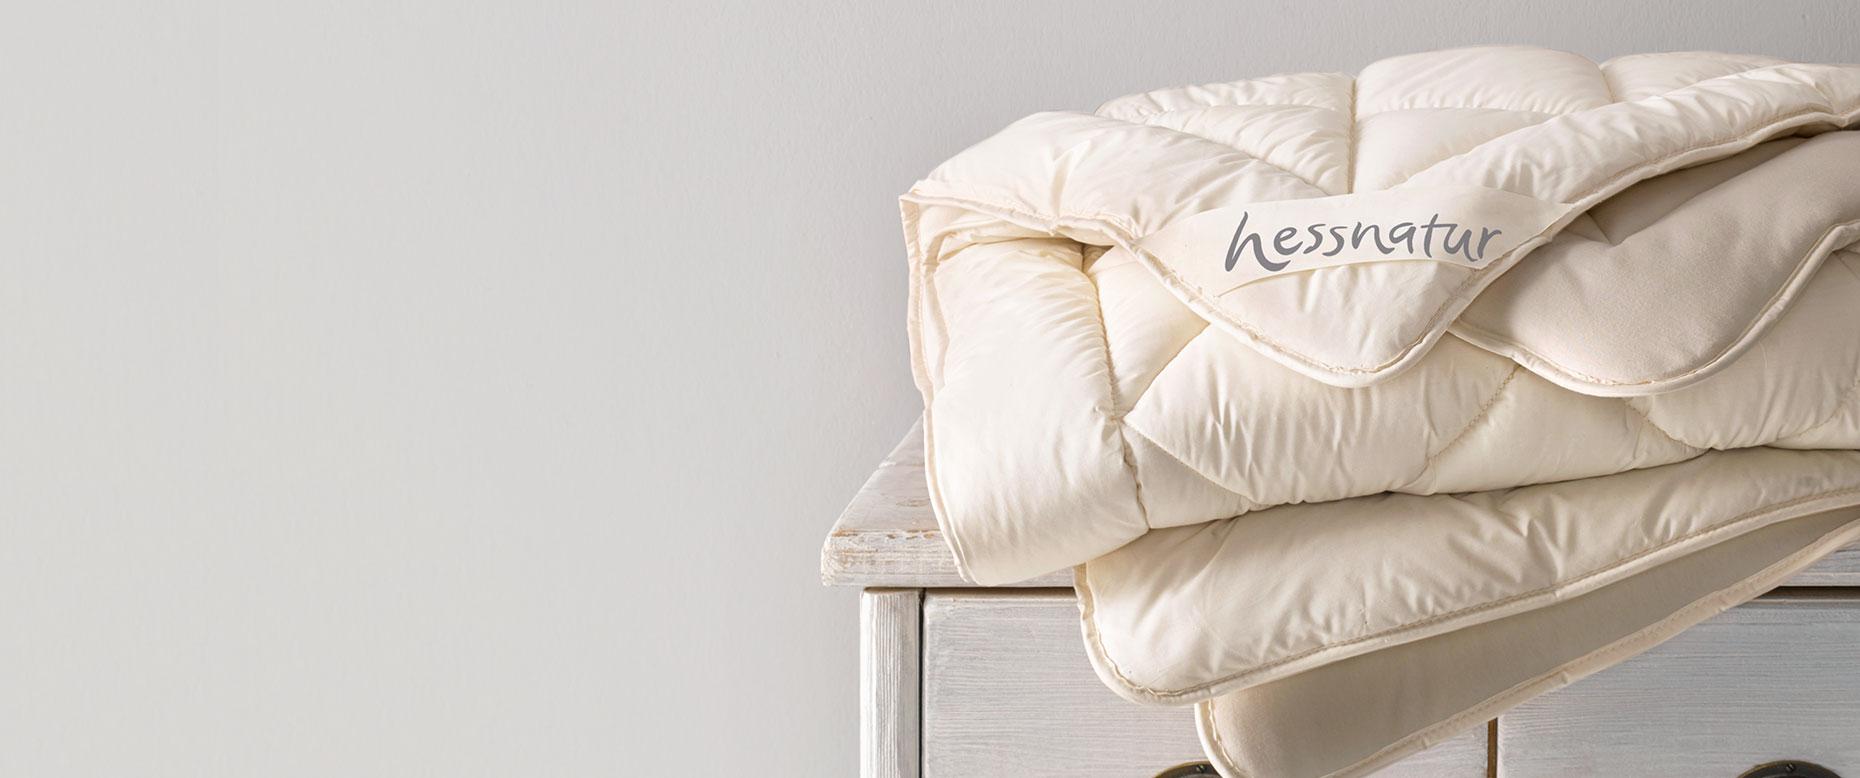 kopfkissen und bettdecke fototapete schlafzimmer braun 12 qm bettw sche elefantenmotiv ideen. Black Bedroom Furniture Sets. Home Design Ideas